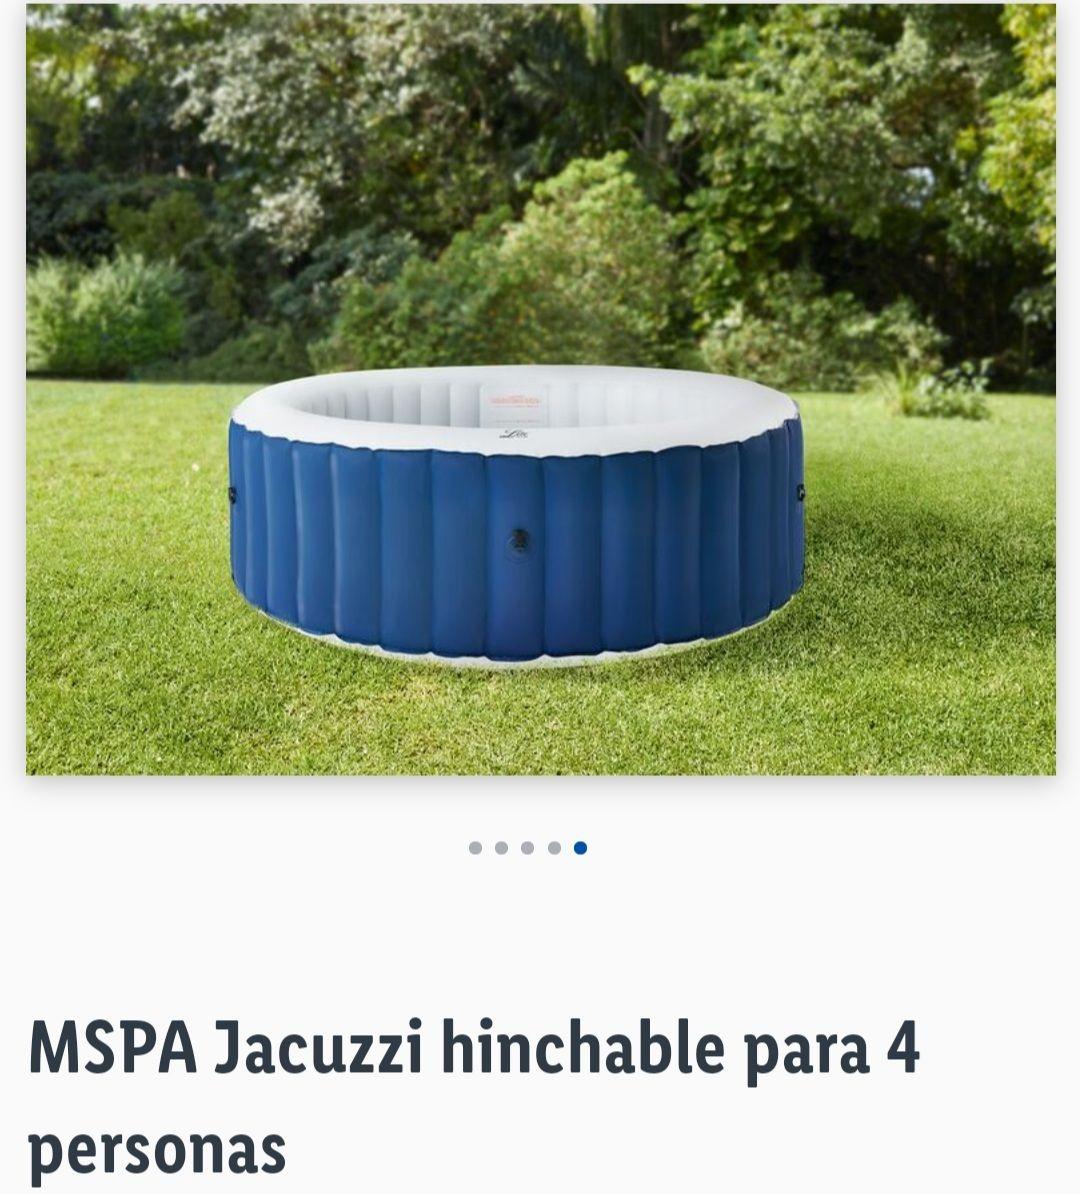 MSPA Jacuzzi hinchable para 4 personas